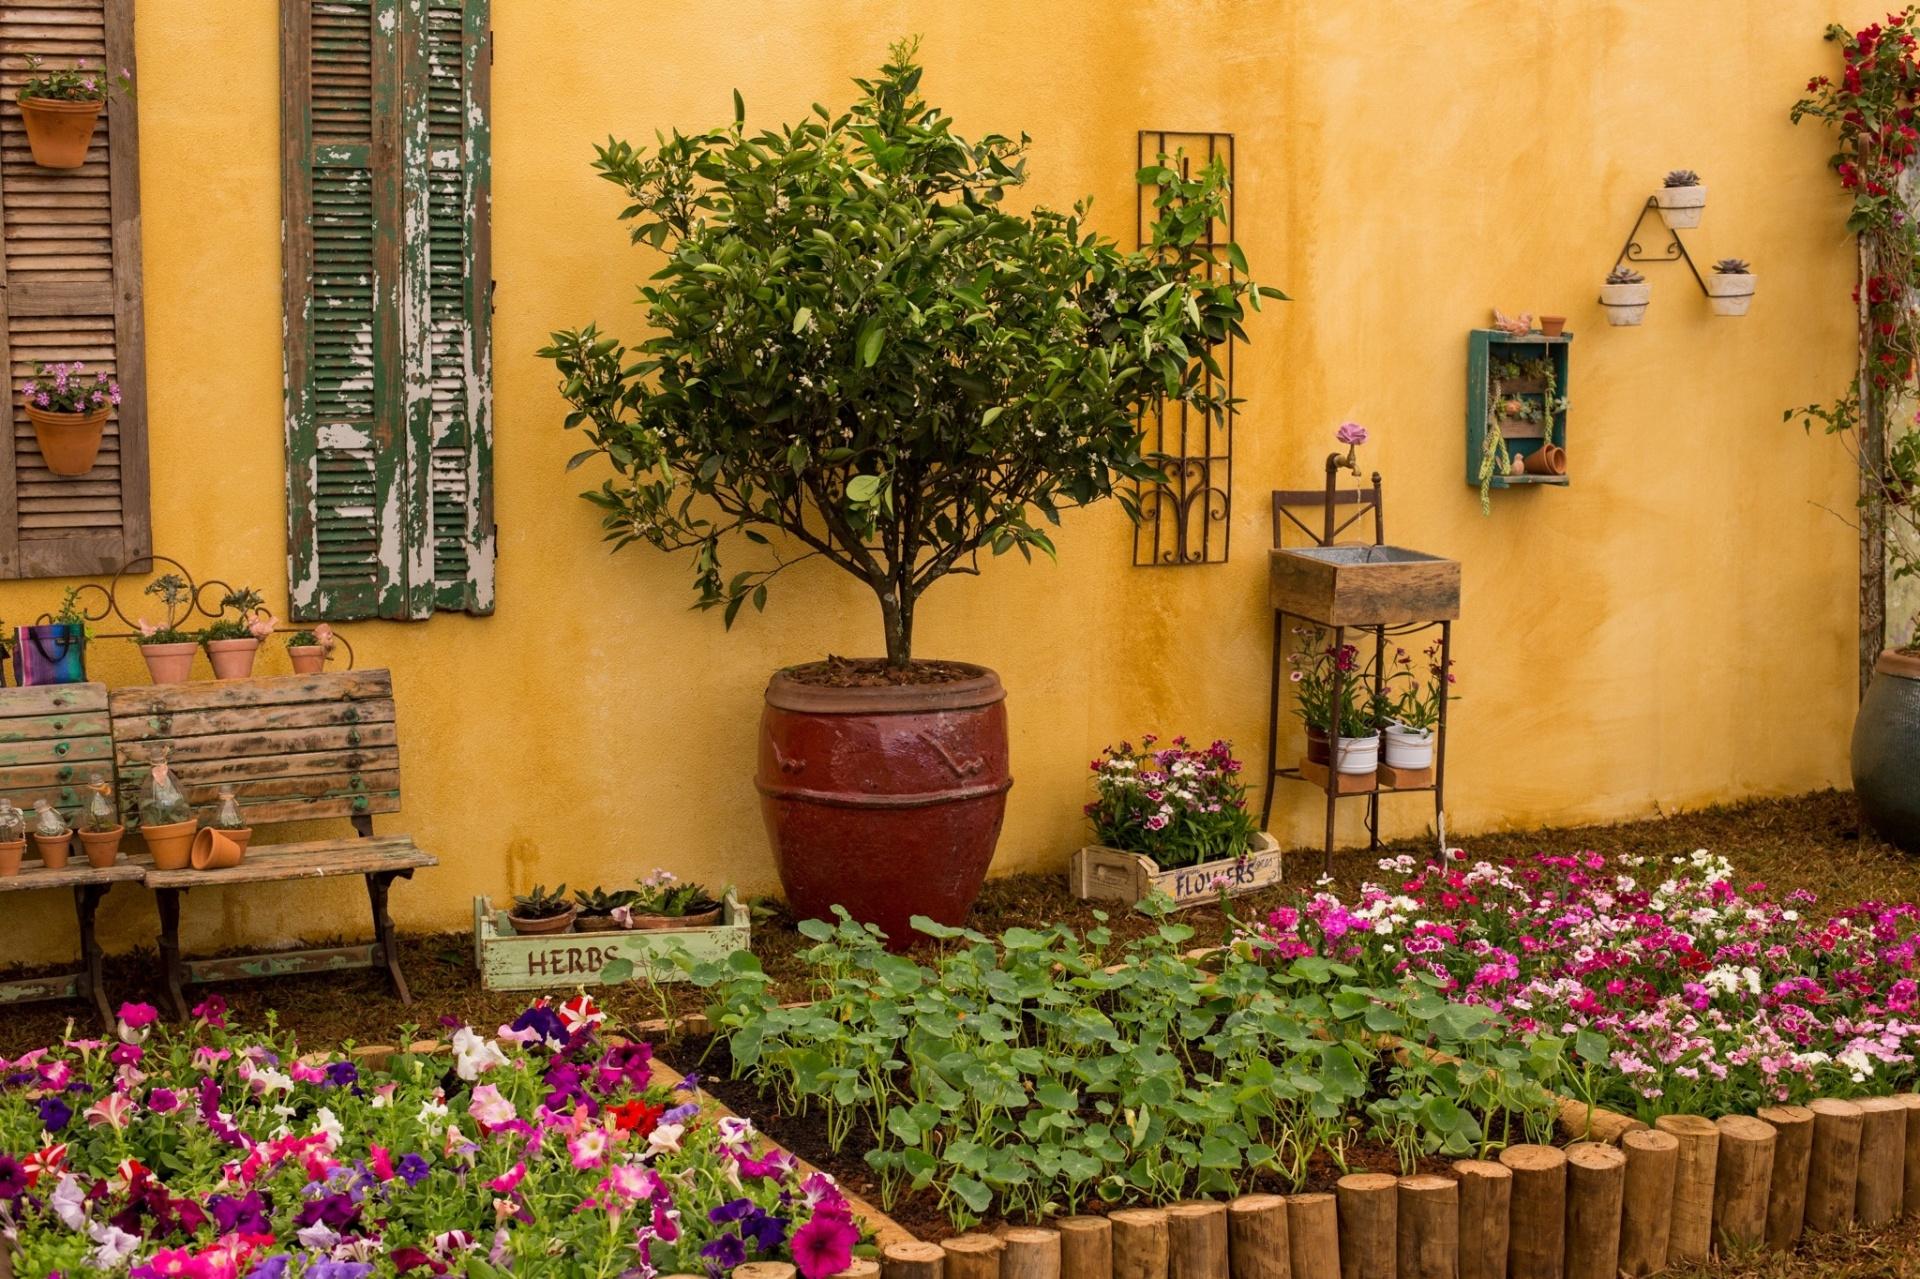 bacanas para renovar o visual do seu jardim  BOL Fotos  BOL Fotos